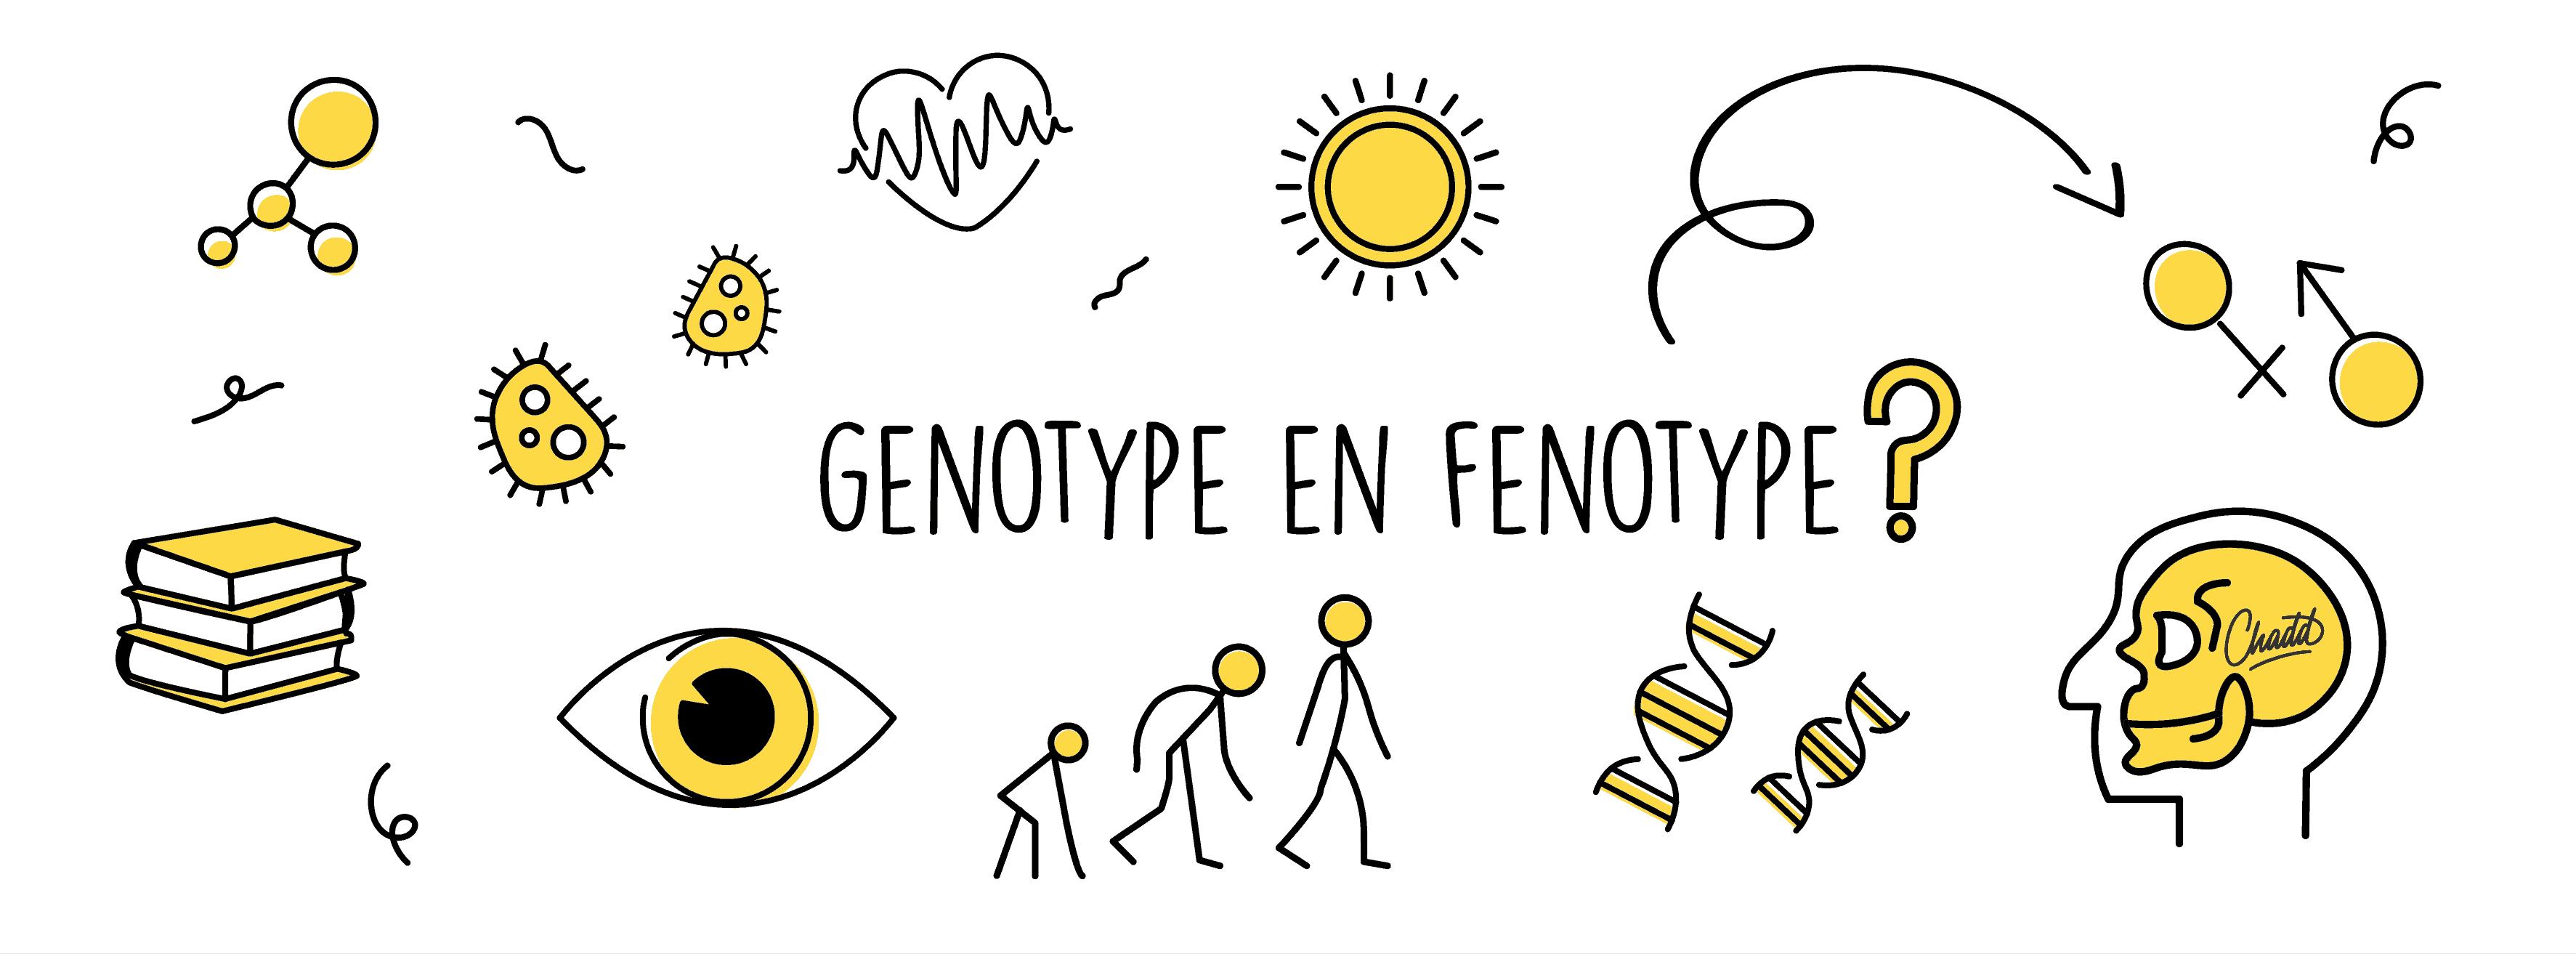 Genotype en fenotype